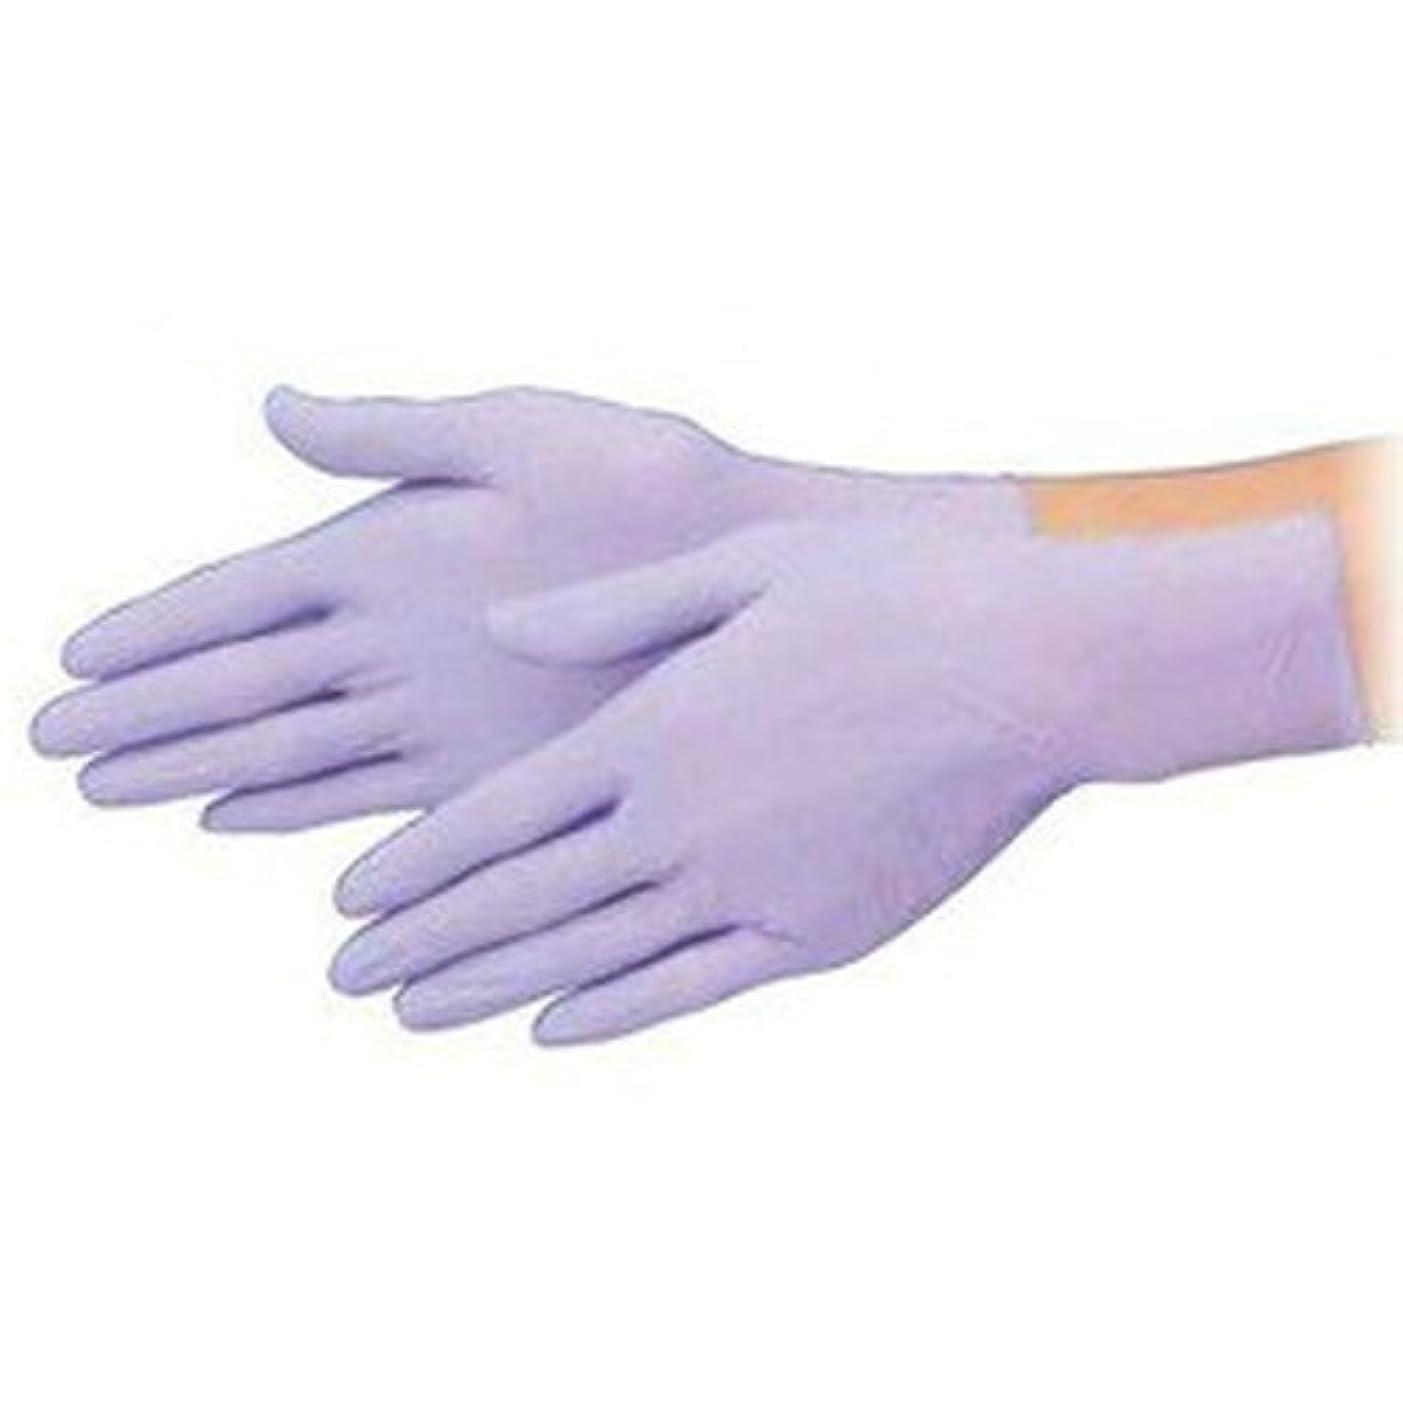 特派員強制のれん使い捨て 手袋 エブノ 522 スタンダードニトリルライト パープル Sサイズ パウダーフリー 2ケース(100枚×60箱)